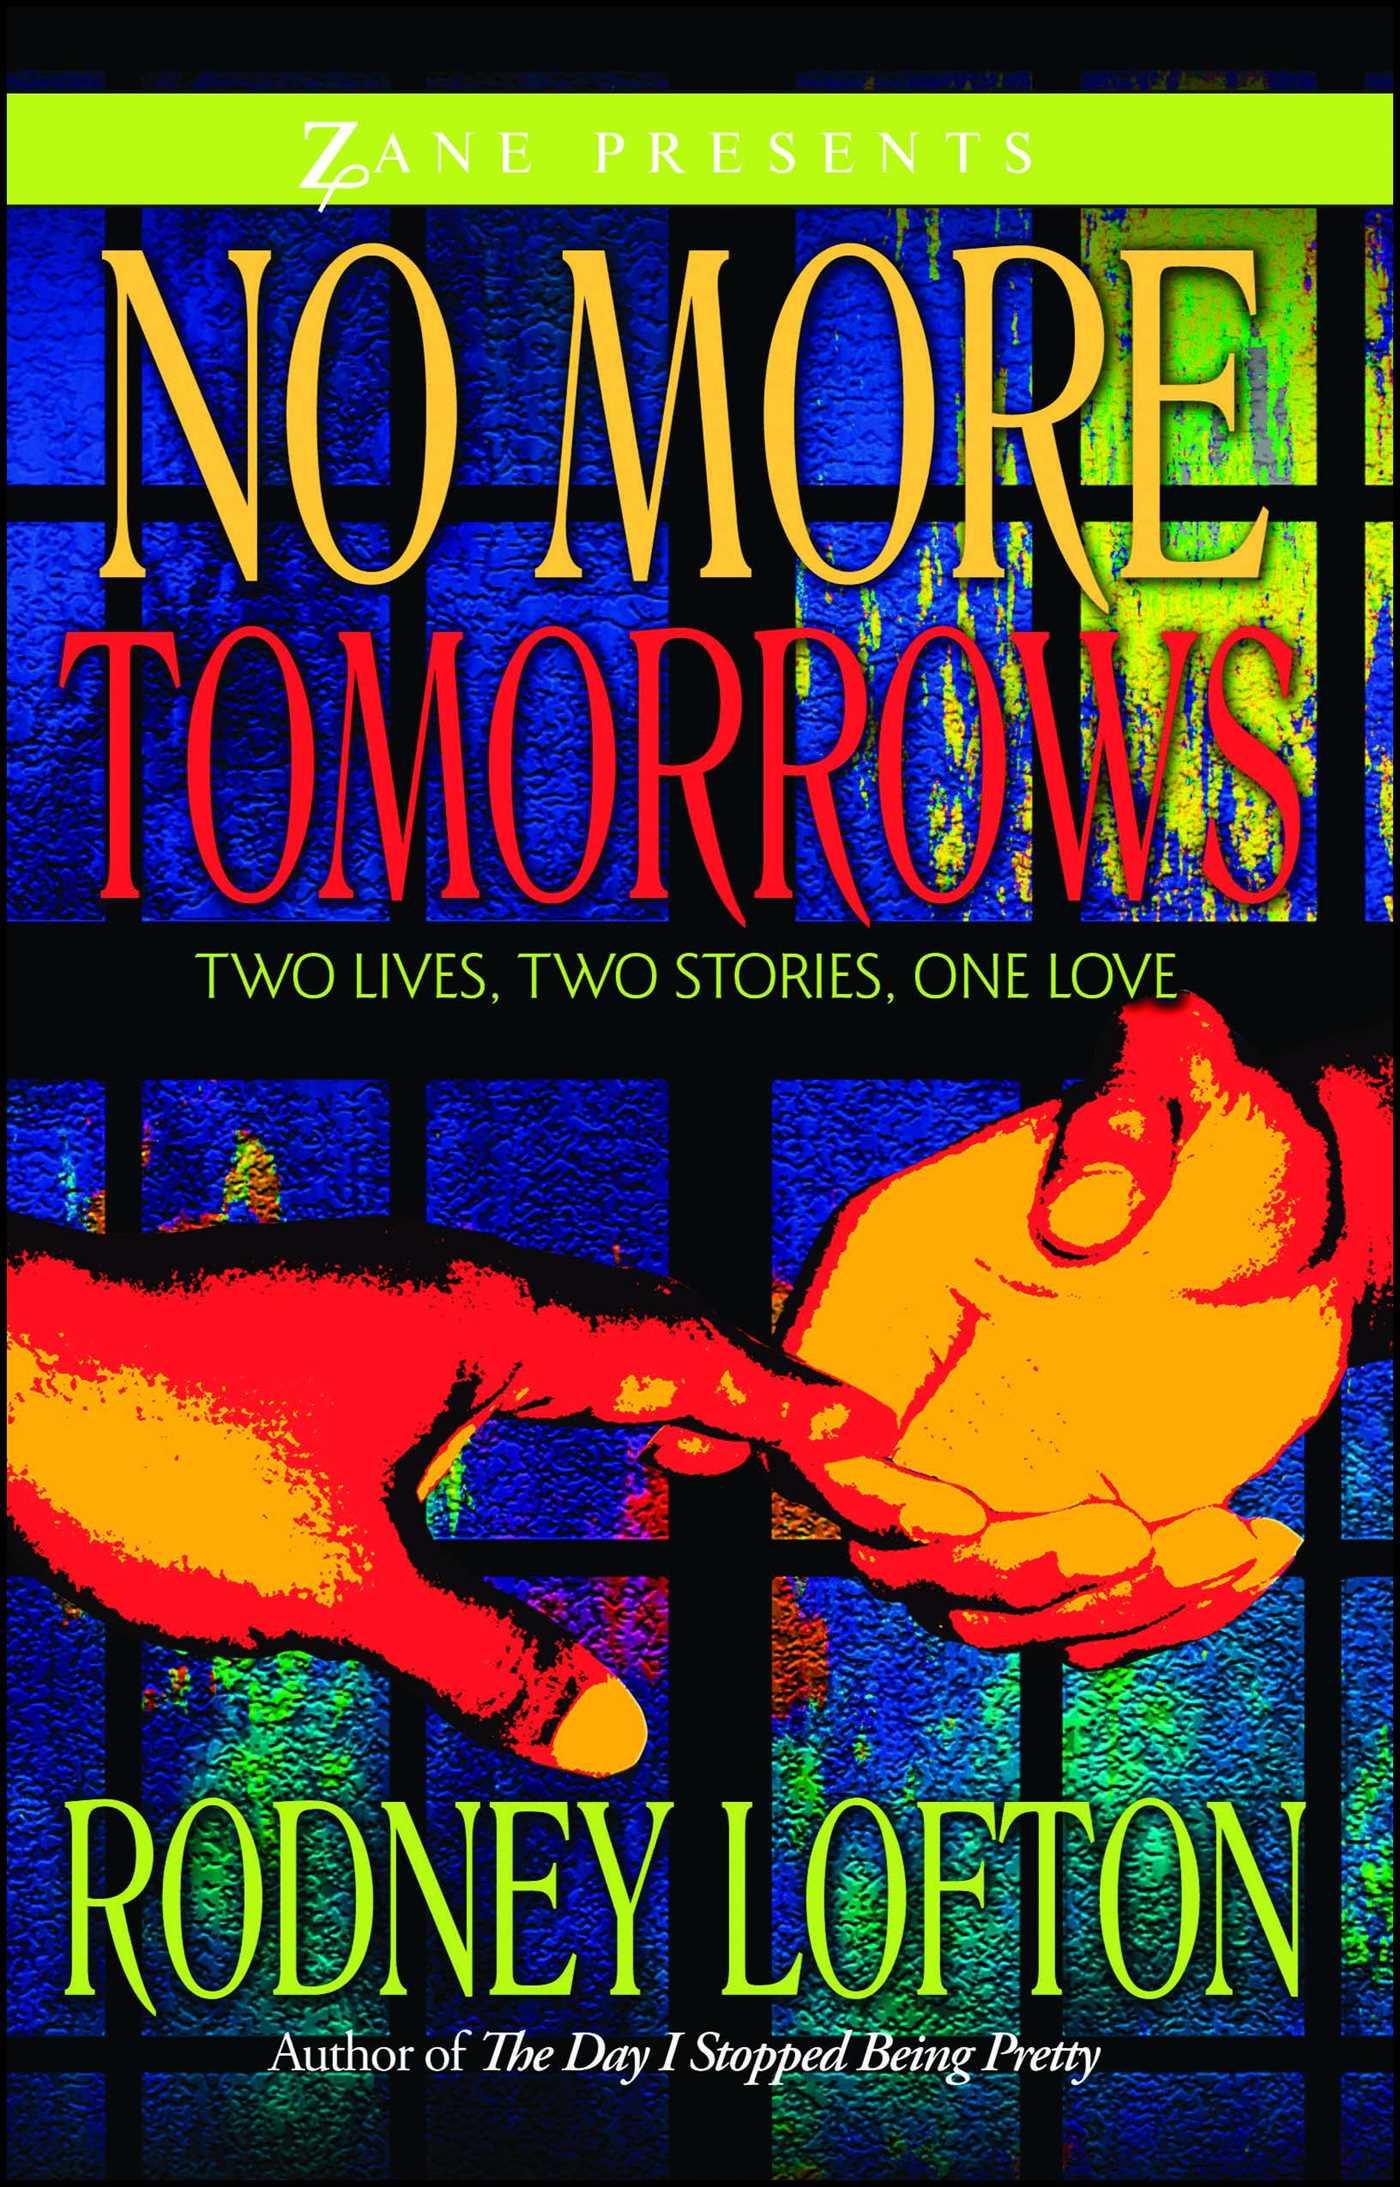 No more tomorrows 9781593091743 hr